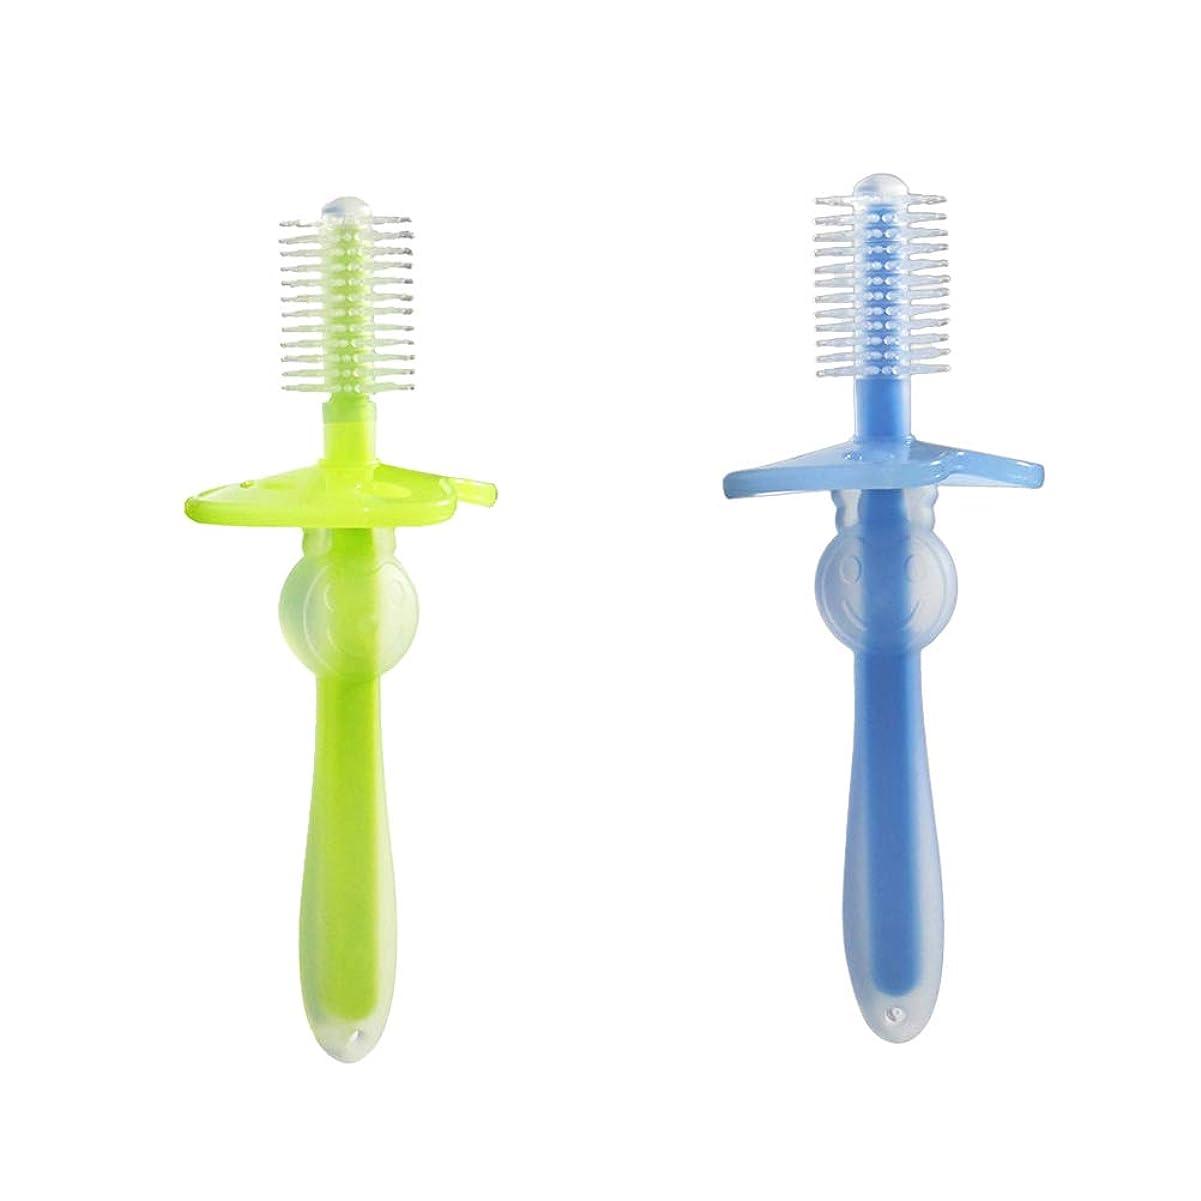 揮発性ズボン損傷Healifty 歯ブラシ シリコン 360°ベビー歯ブラシ 幼児 柔軟なトレーニング歯ブラシ 2ピース(緑と青)